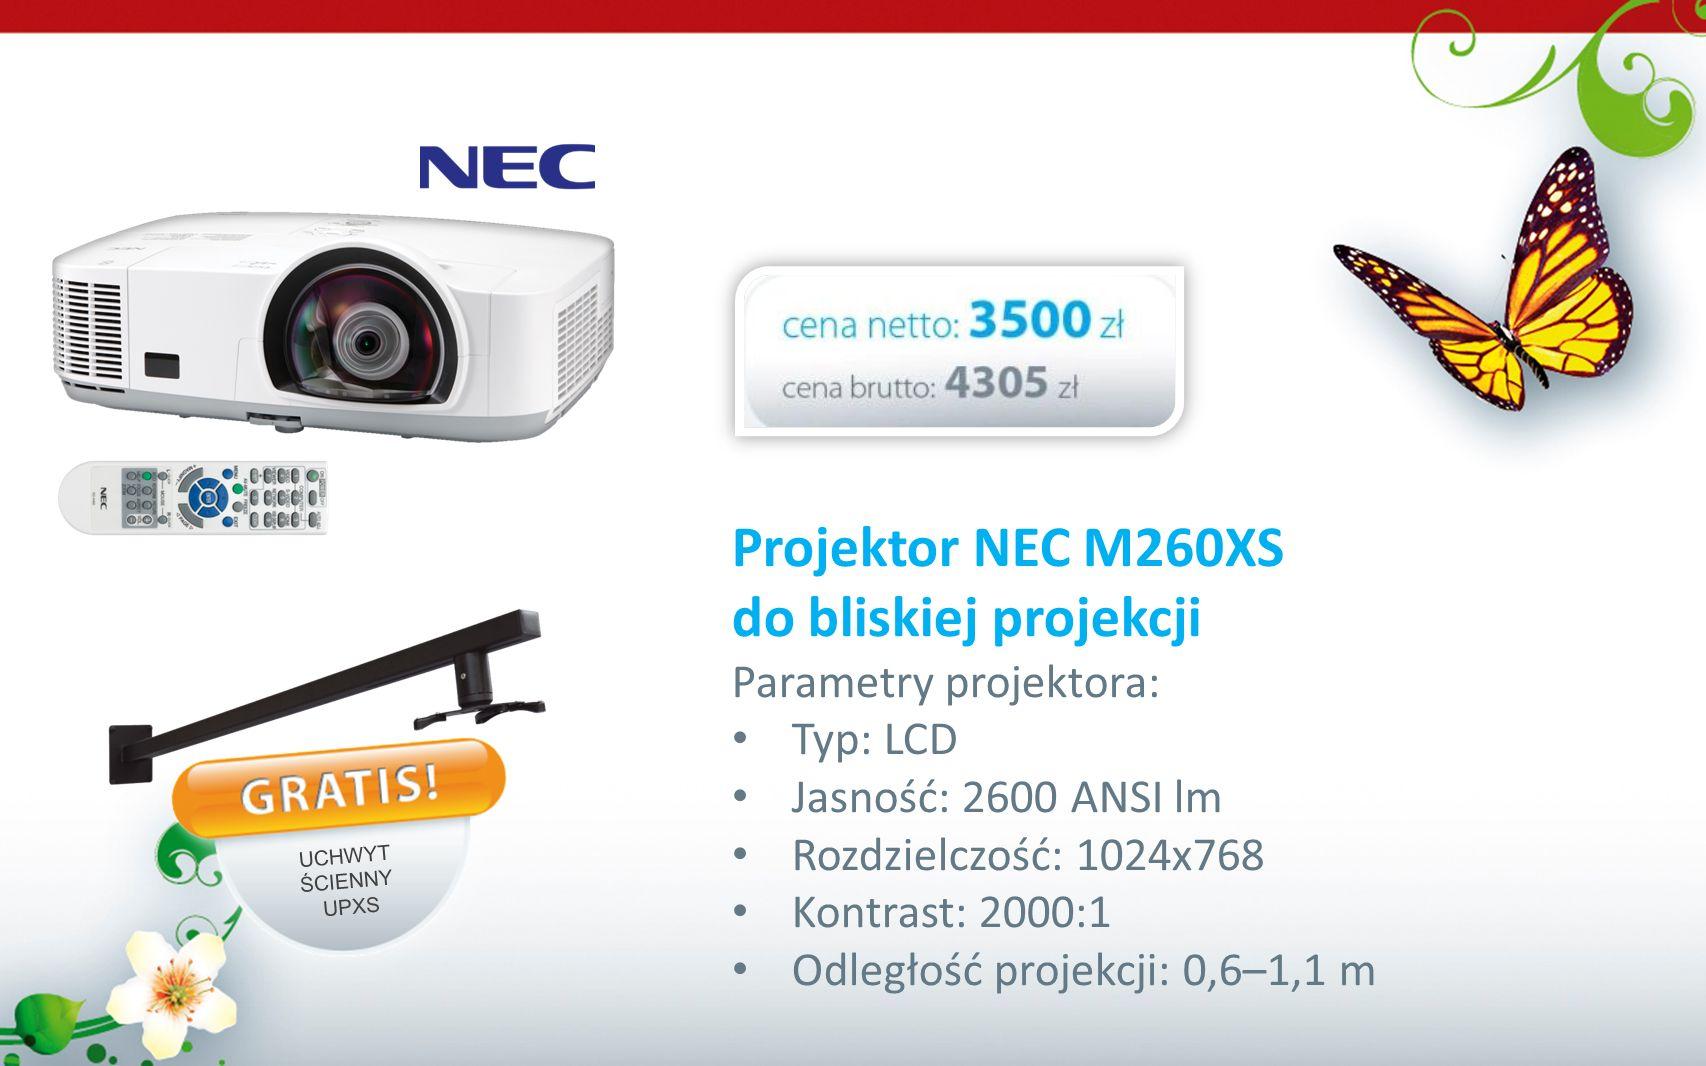 Projektor NEC M260XS do bliskiej projekcji Parametry projektora: Typ: LCD Jasność: 2600 ANSI lm Rozdzielczość: 1024x768 Kontrast: 2000:1 Odległość pro